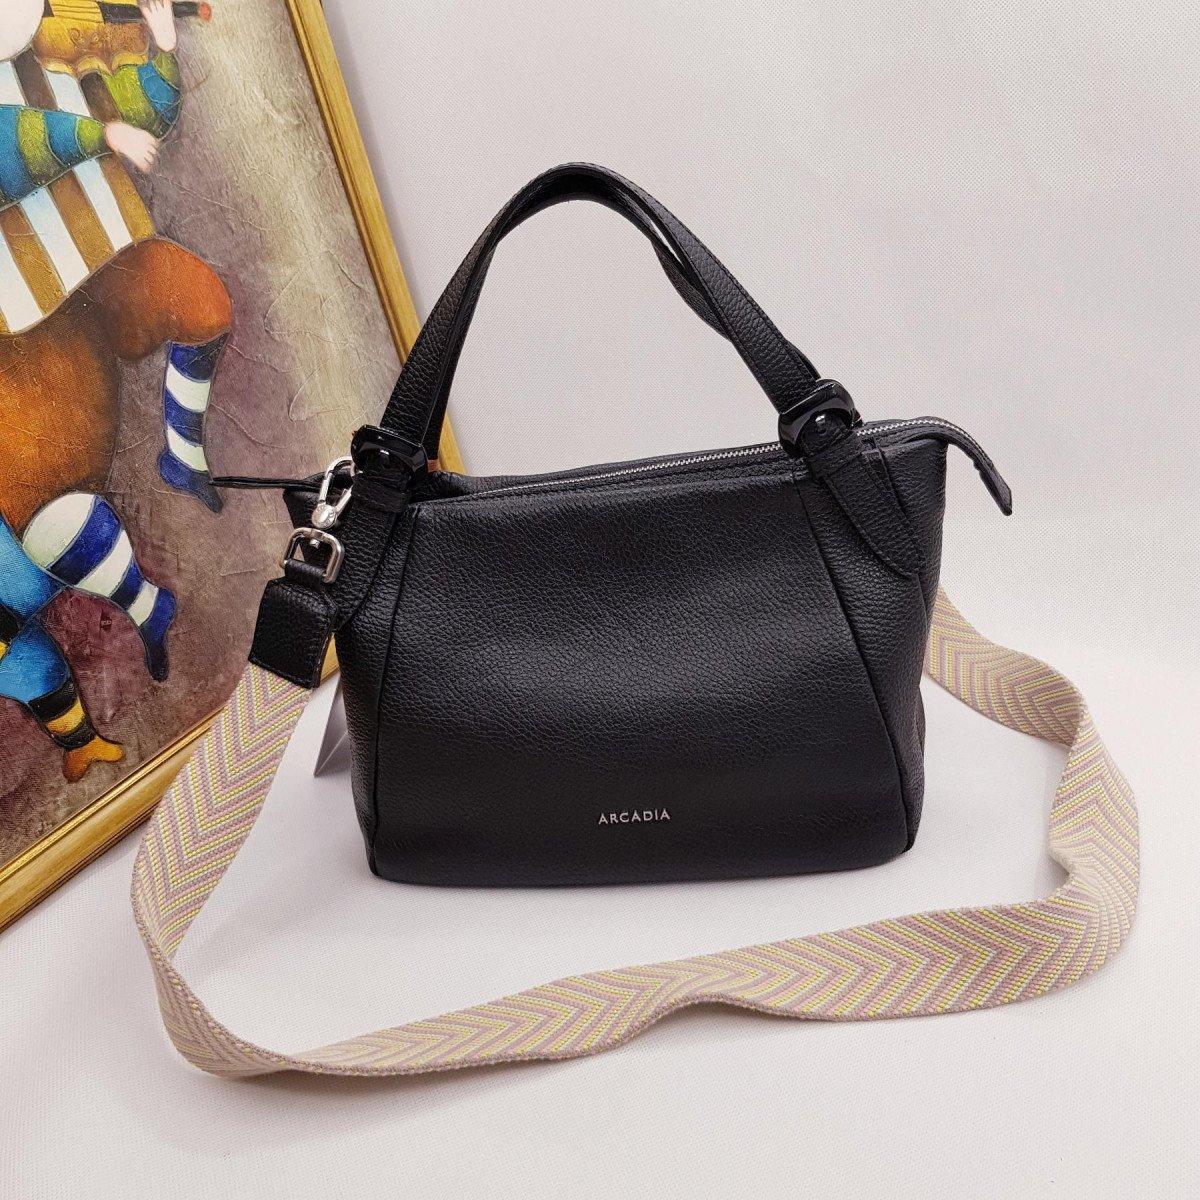 Женская кожаная сумка Arcadia 7558 mir nero из натуральной кожи